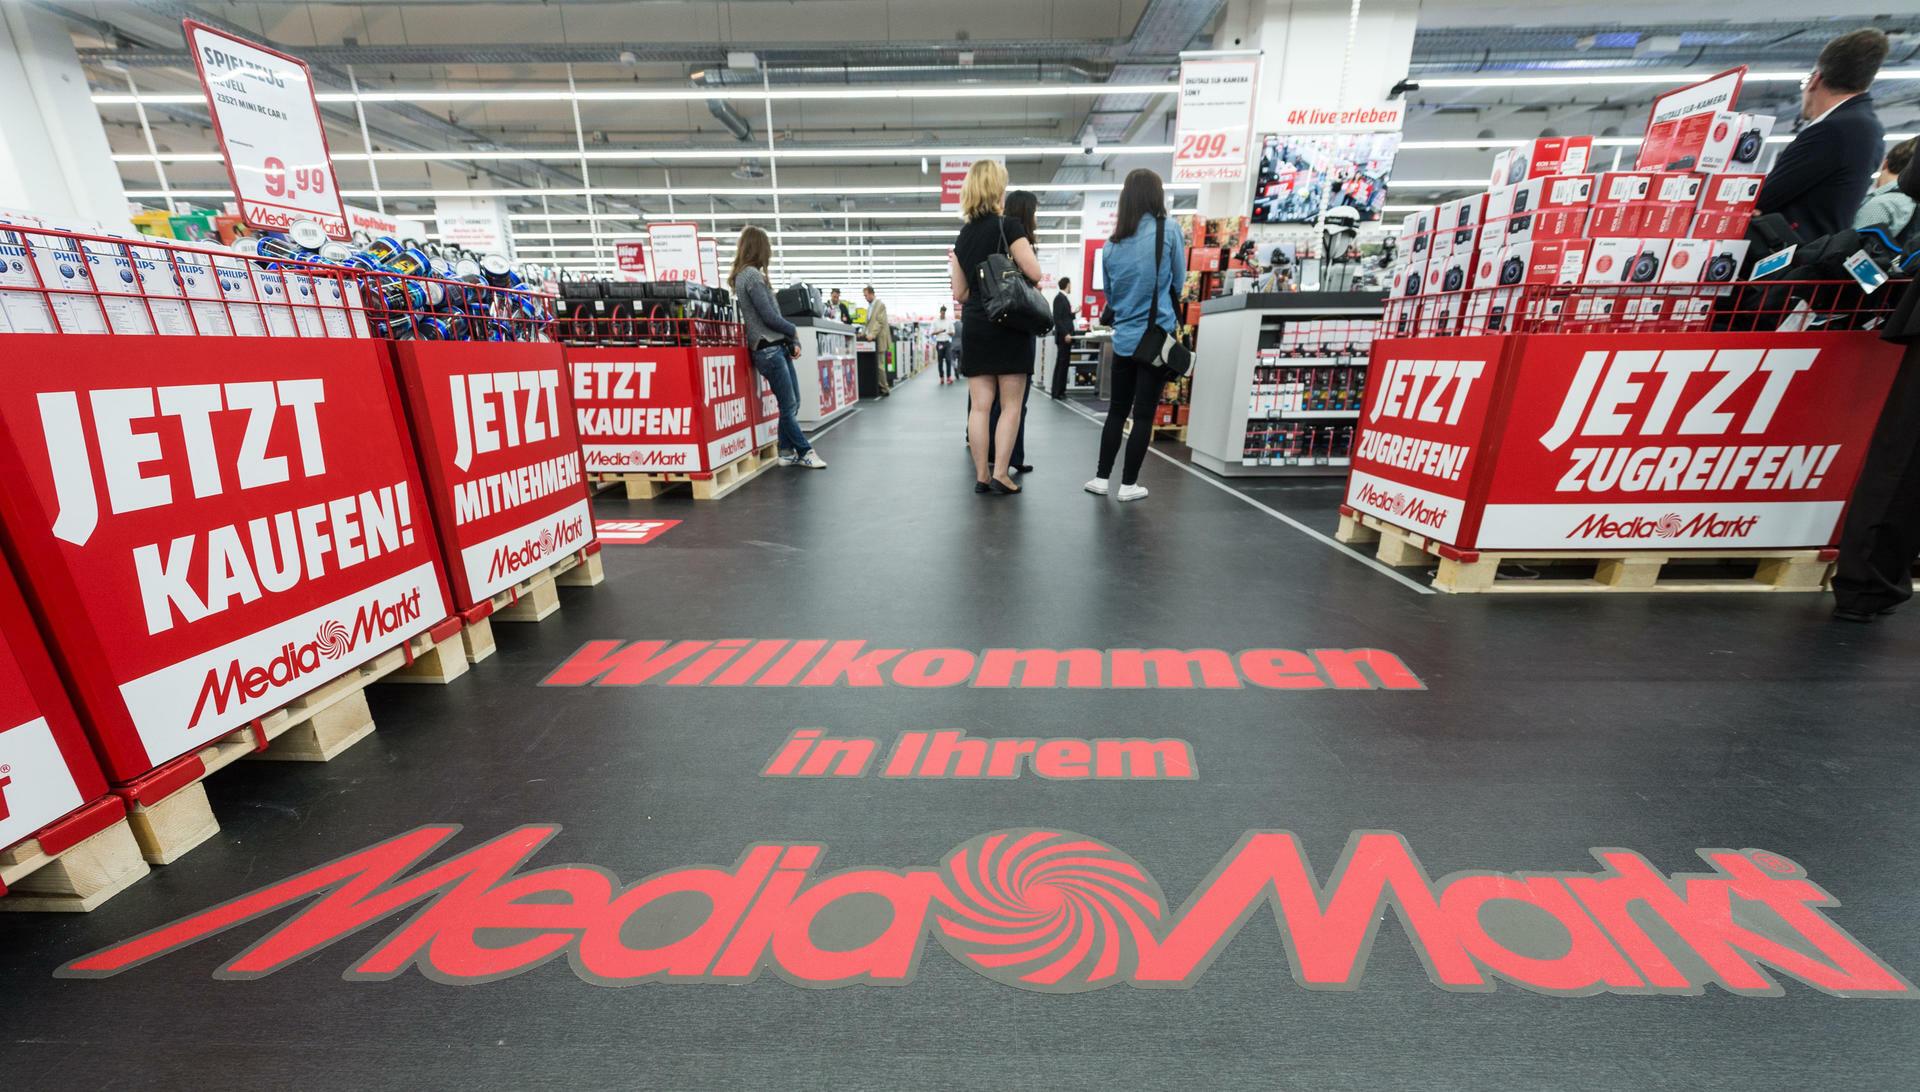 Auto Kühlschrank Saturn : Schneller als amazon media markt und saturn liefern binnen stunden